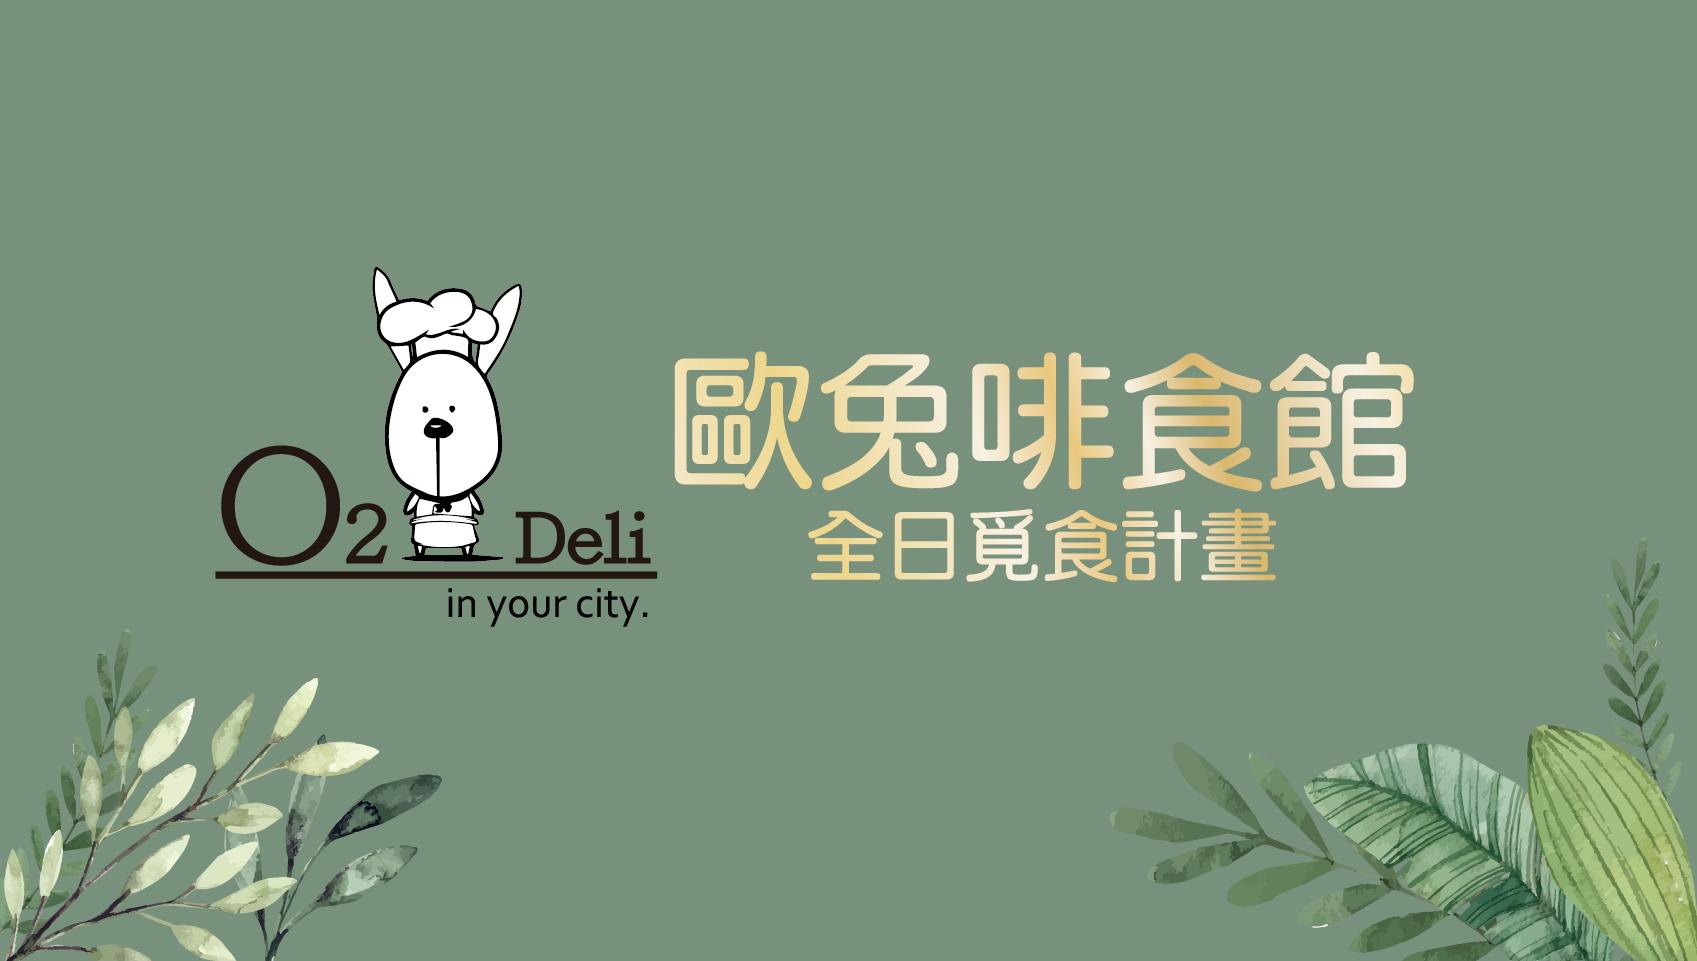 O2deli-banner